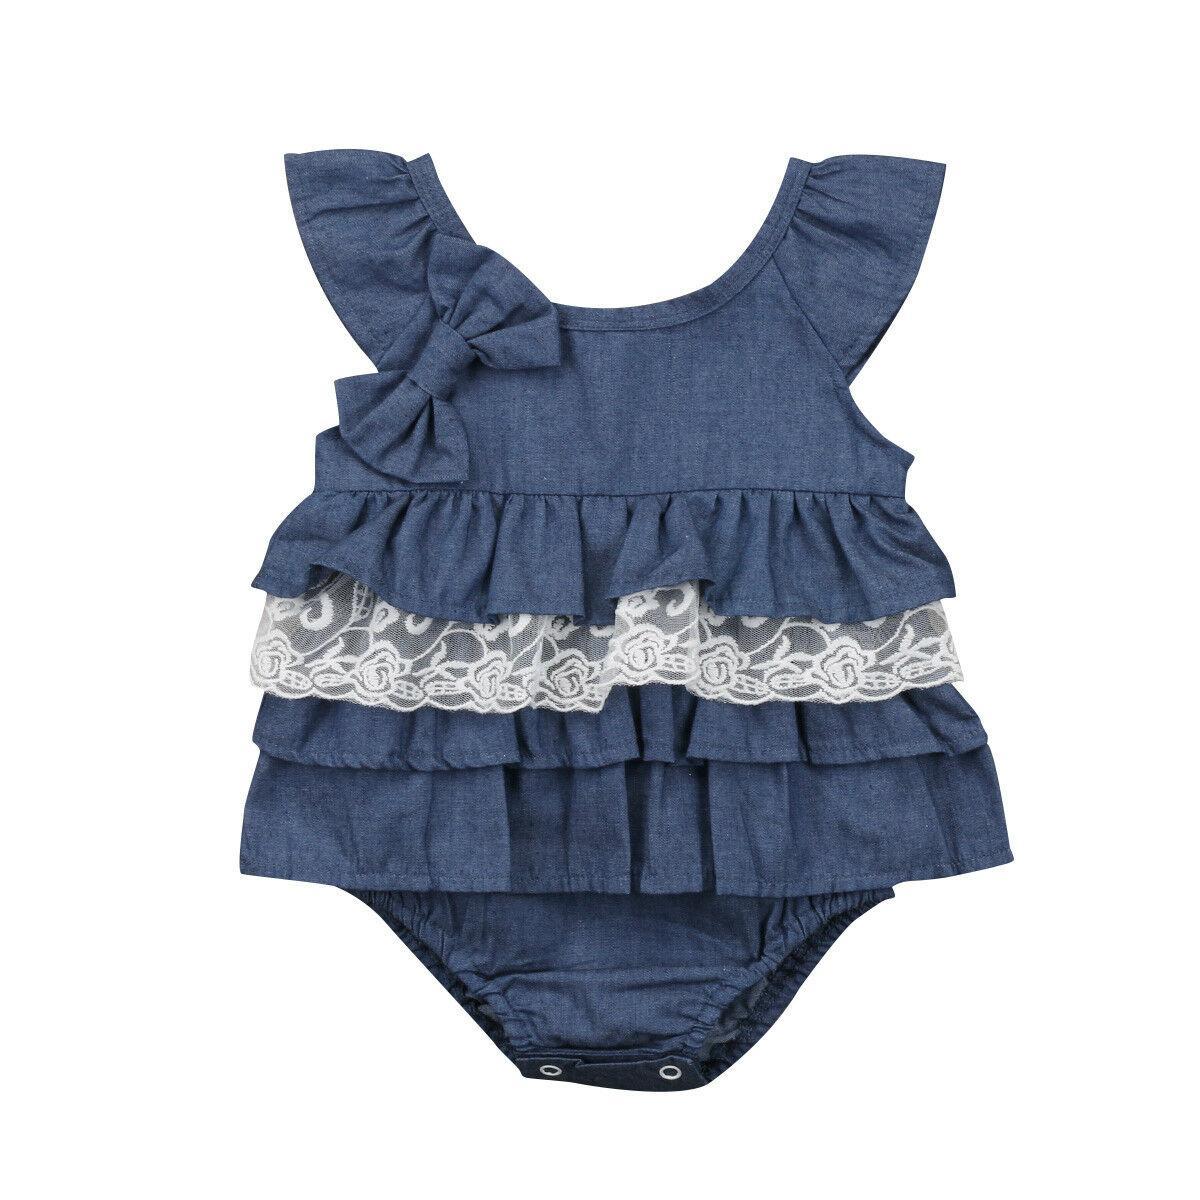 Cute Newborn Baby Girl Summer Ruffles Romper Suit Kids Infant Lace Tutu Denim Jeans One-Piece Rompers Clothes Jumpsuit Sunsuit